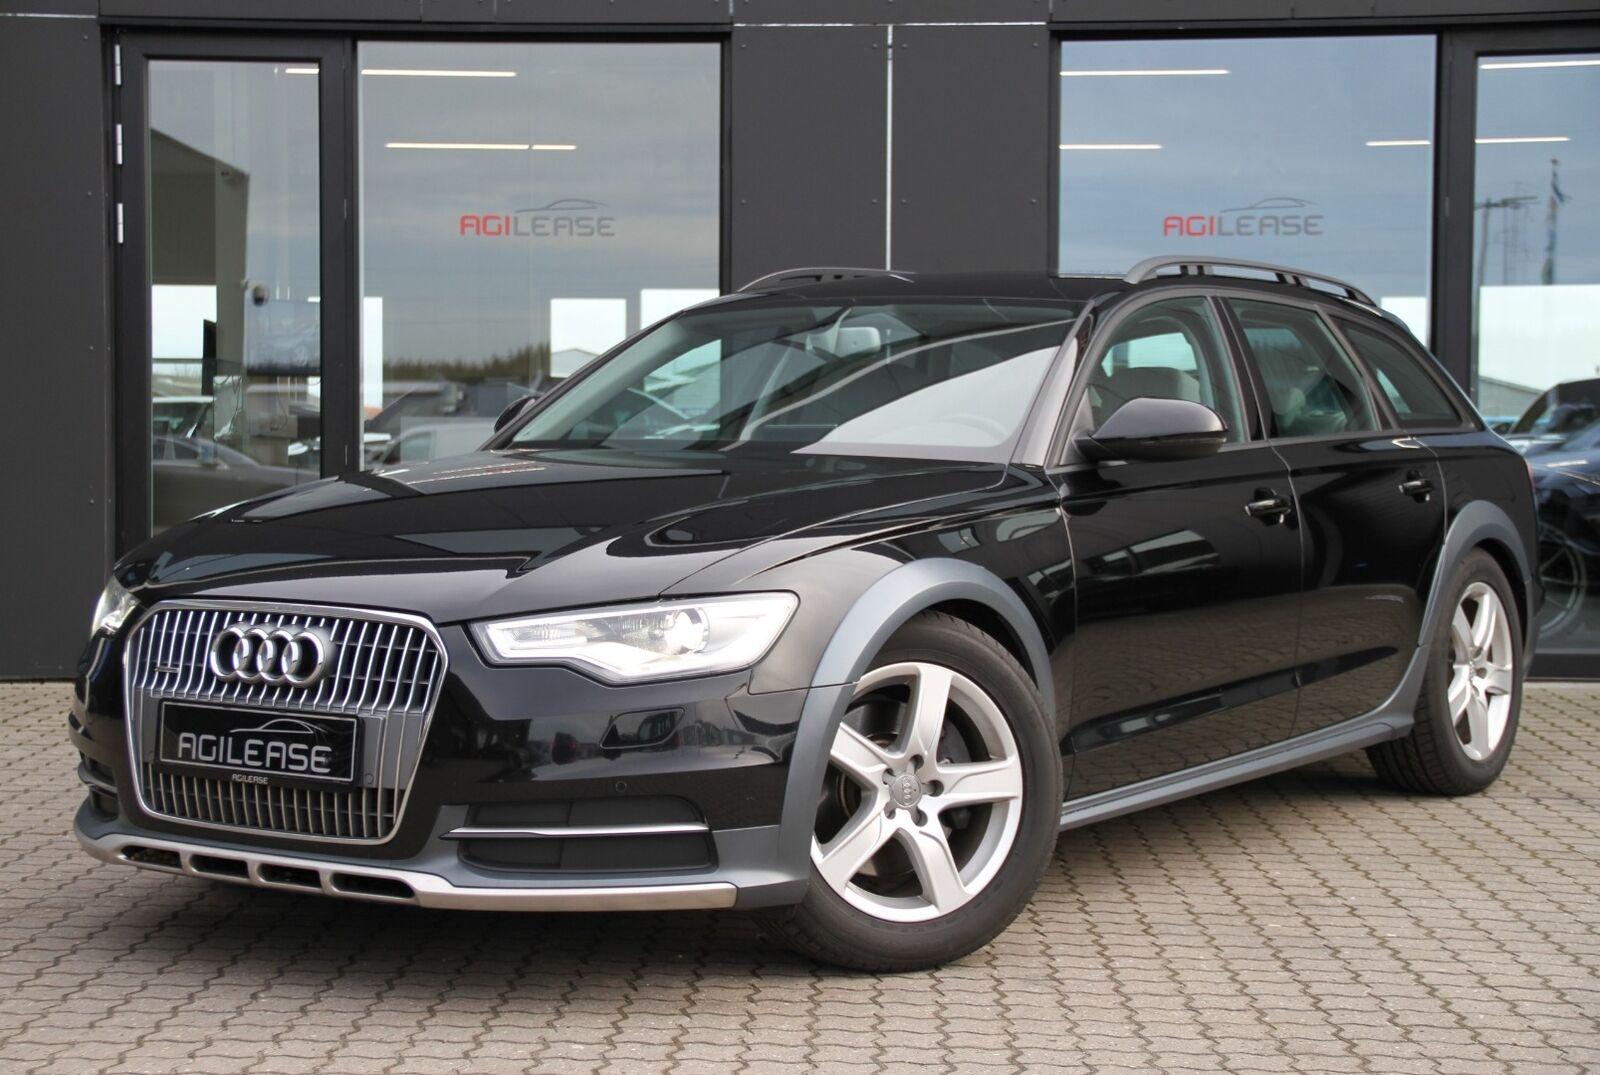 Audi A6 allroad 3,0 TDi 204 quattro S-tr. 5d - 3.600 kr.